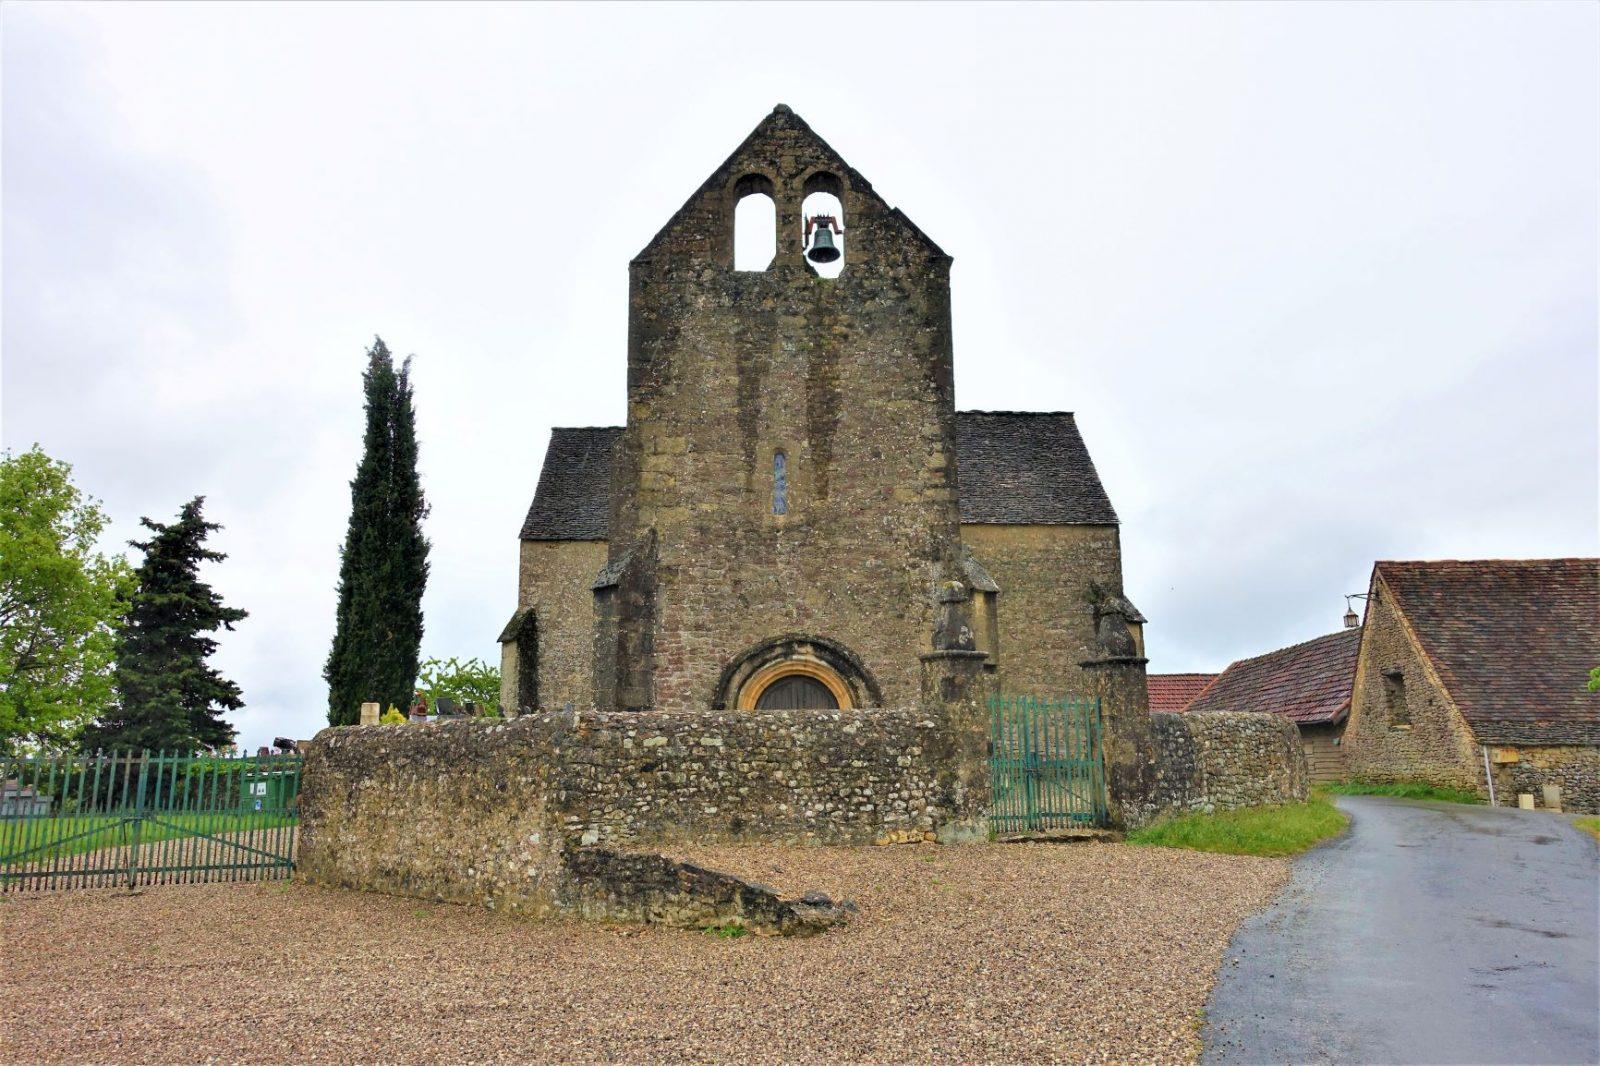 en veldig gammel kirke på den franske landsbygda